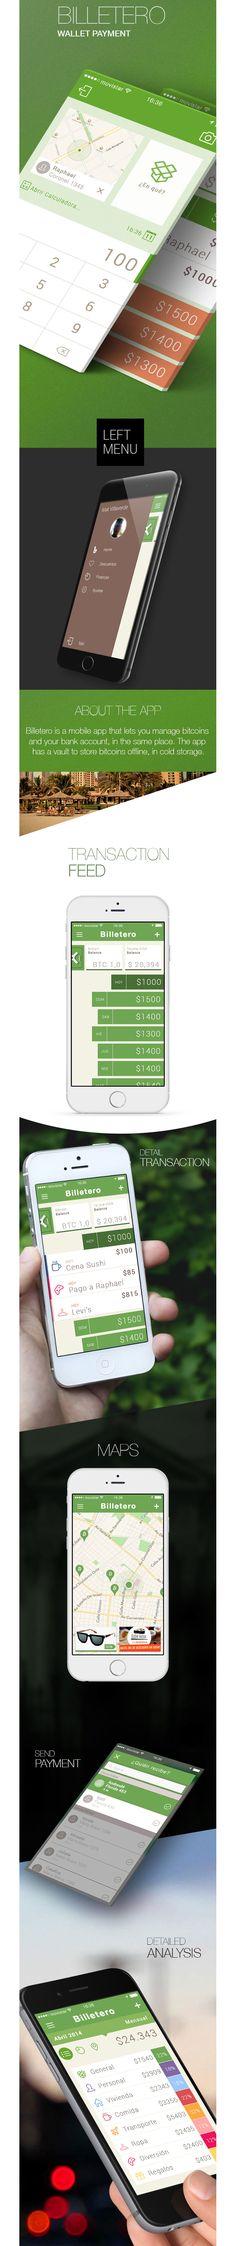 Billetero App - Wallet Payments iPhone 6